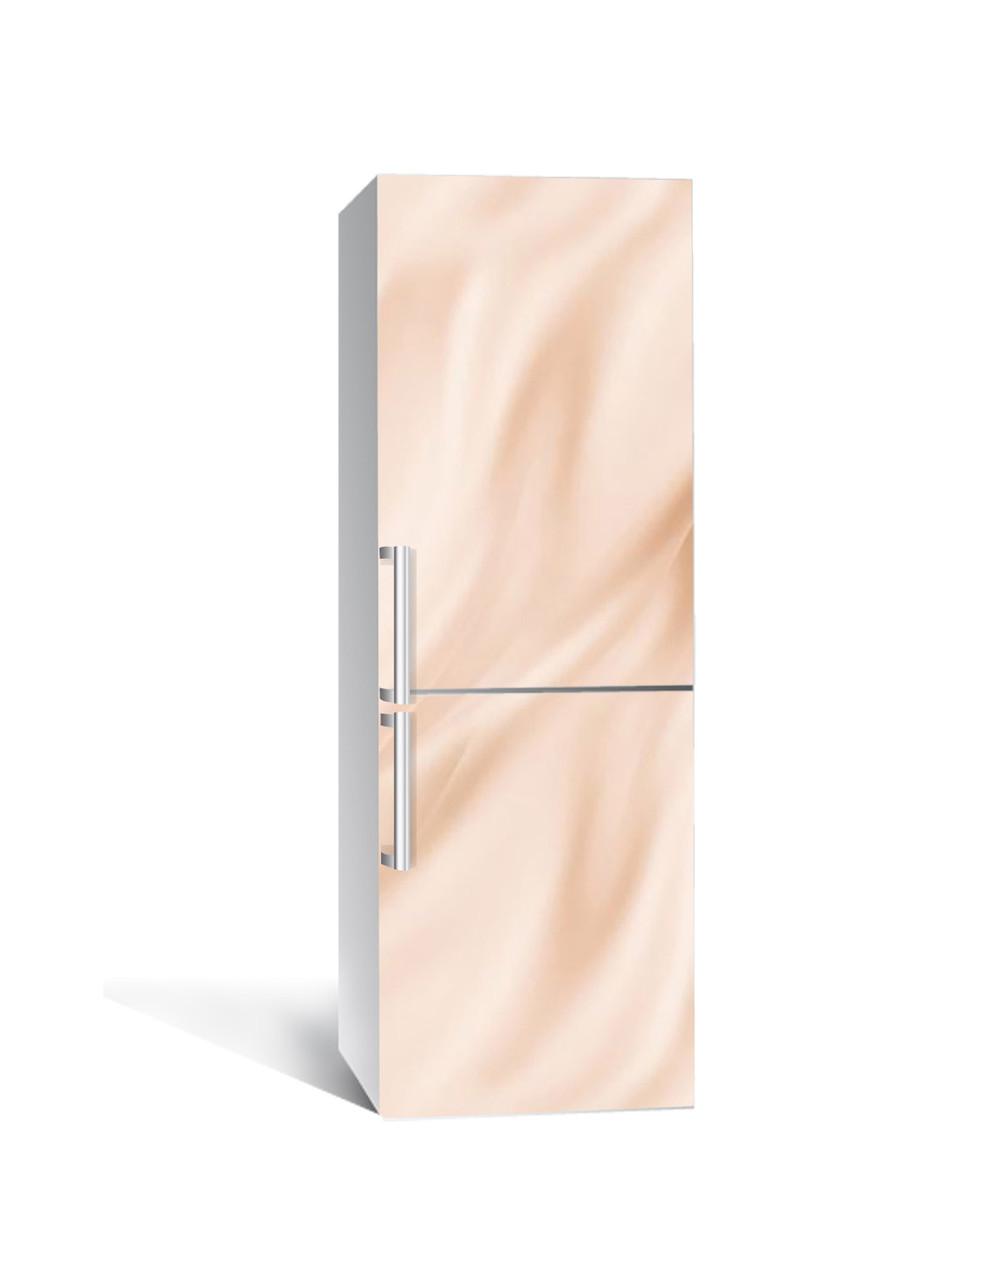 Виниловая наклейка на холодильник 3Д Нежный шёлк (пленка ПВХ с ламинацией) 65*200см Текстуры Бежевый